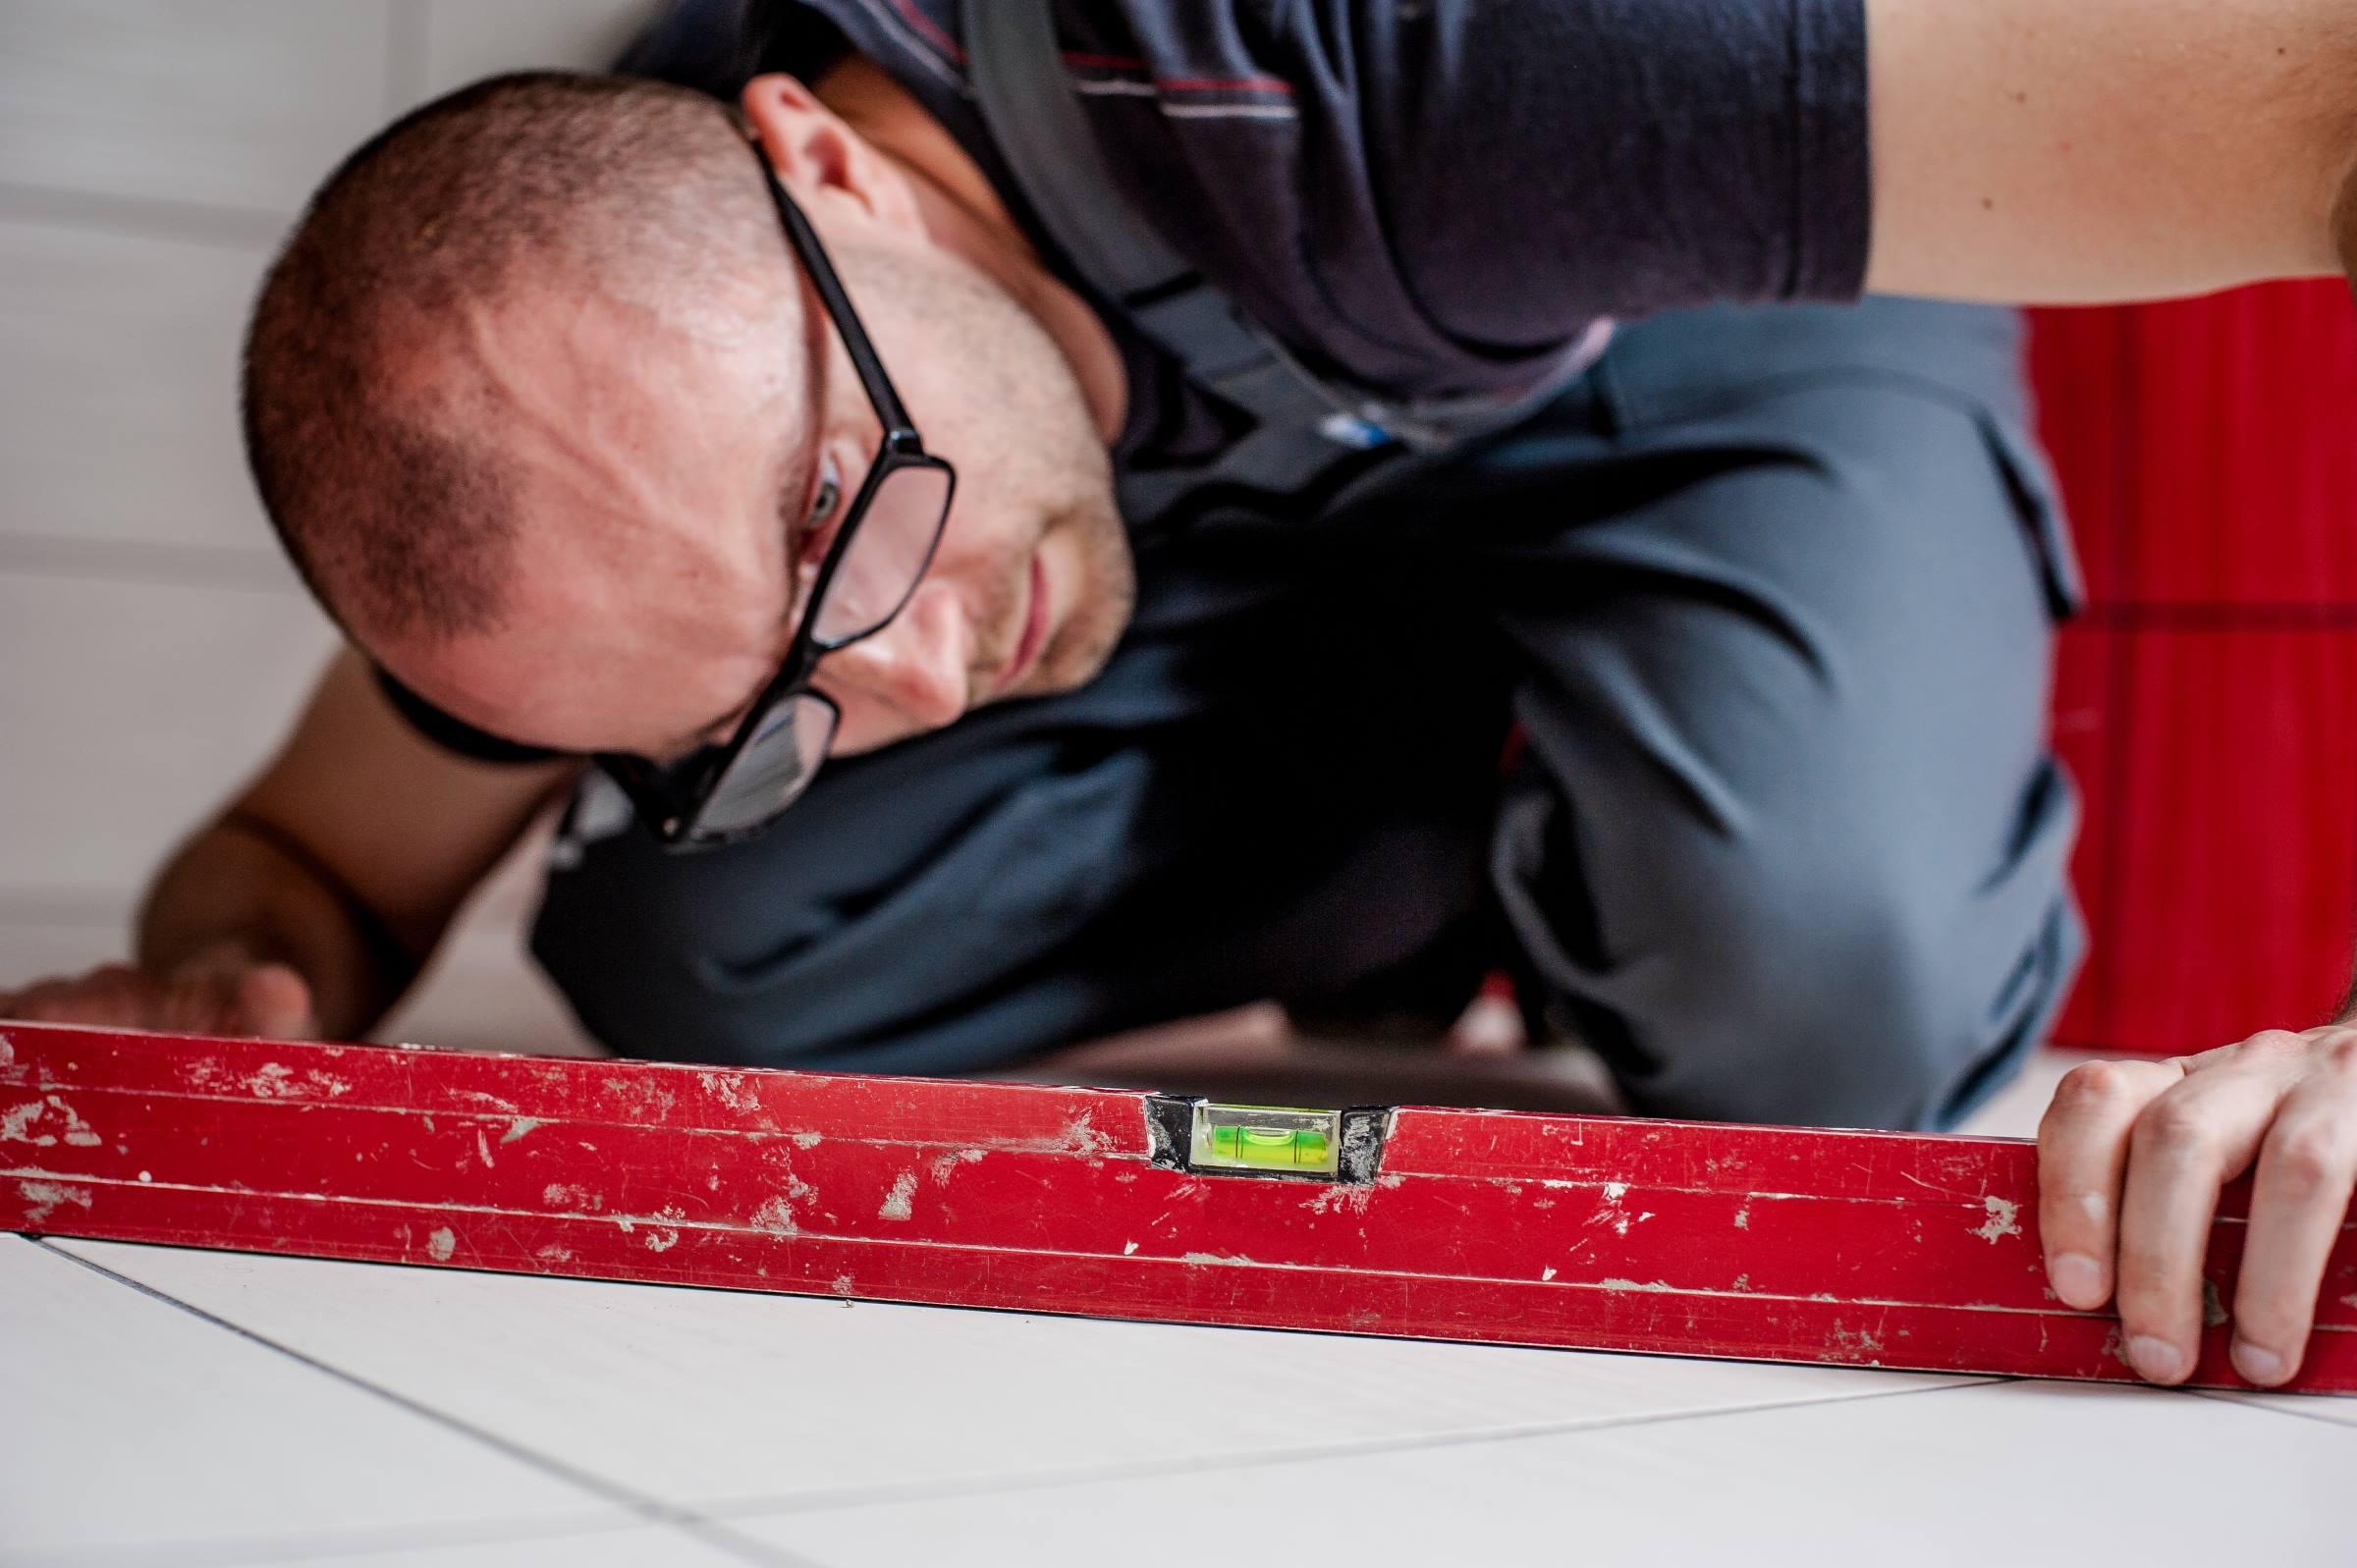 Worker tiler level floor tiles